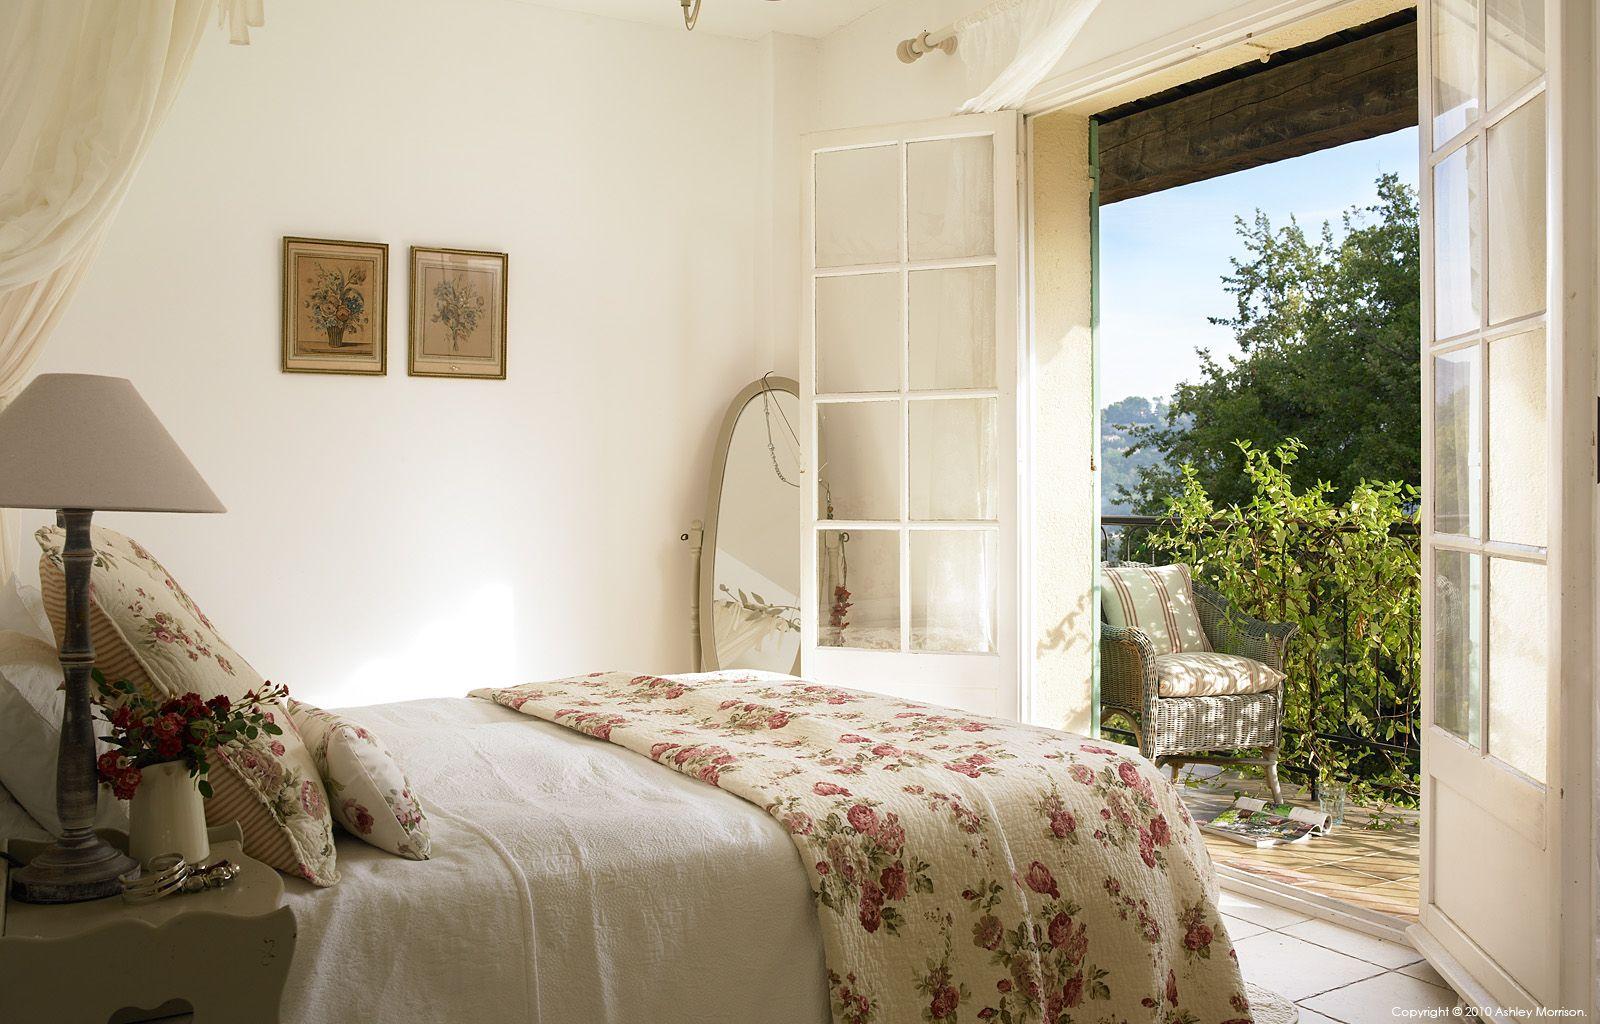 Hamilton's villa 'Jasmin' near the French Riviera